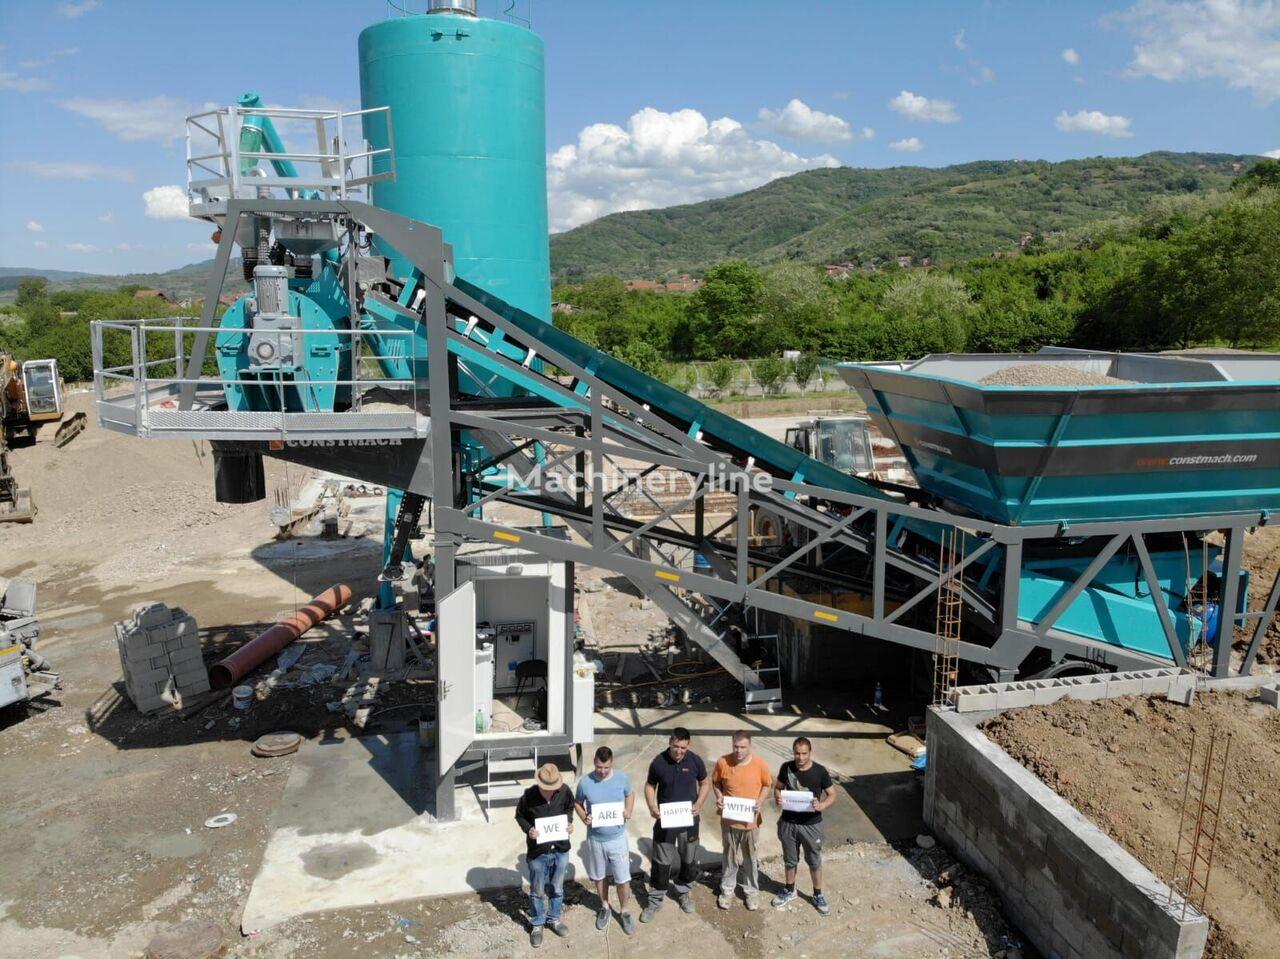 CONSTMACH 30 m3/h MOBILE CONCRETE PLANT, BEST PRICE & QUALITY planta de hormigón nueva